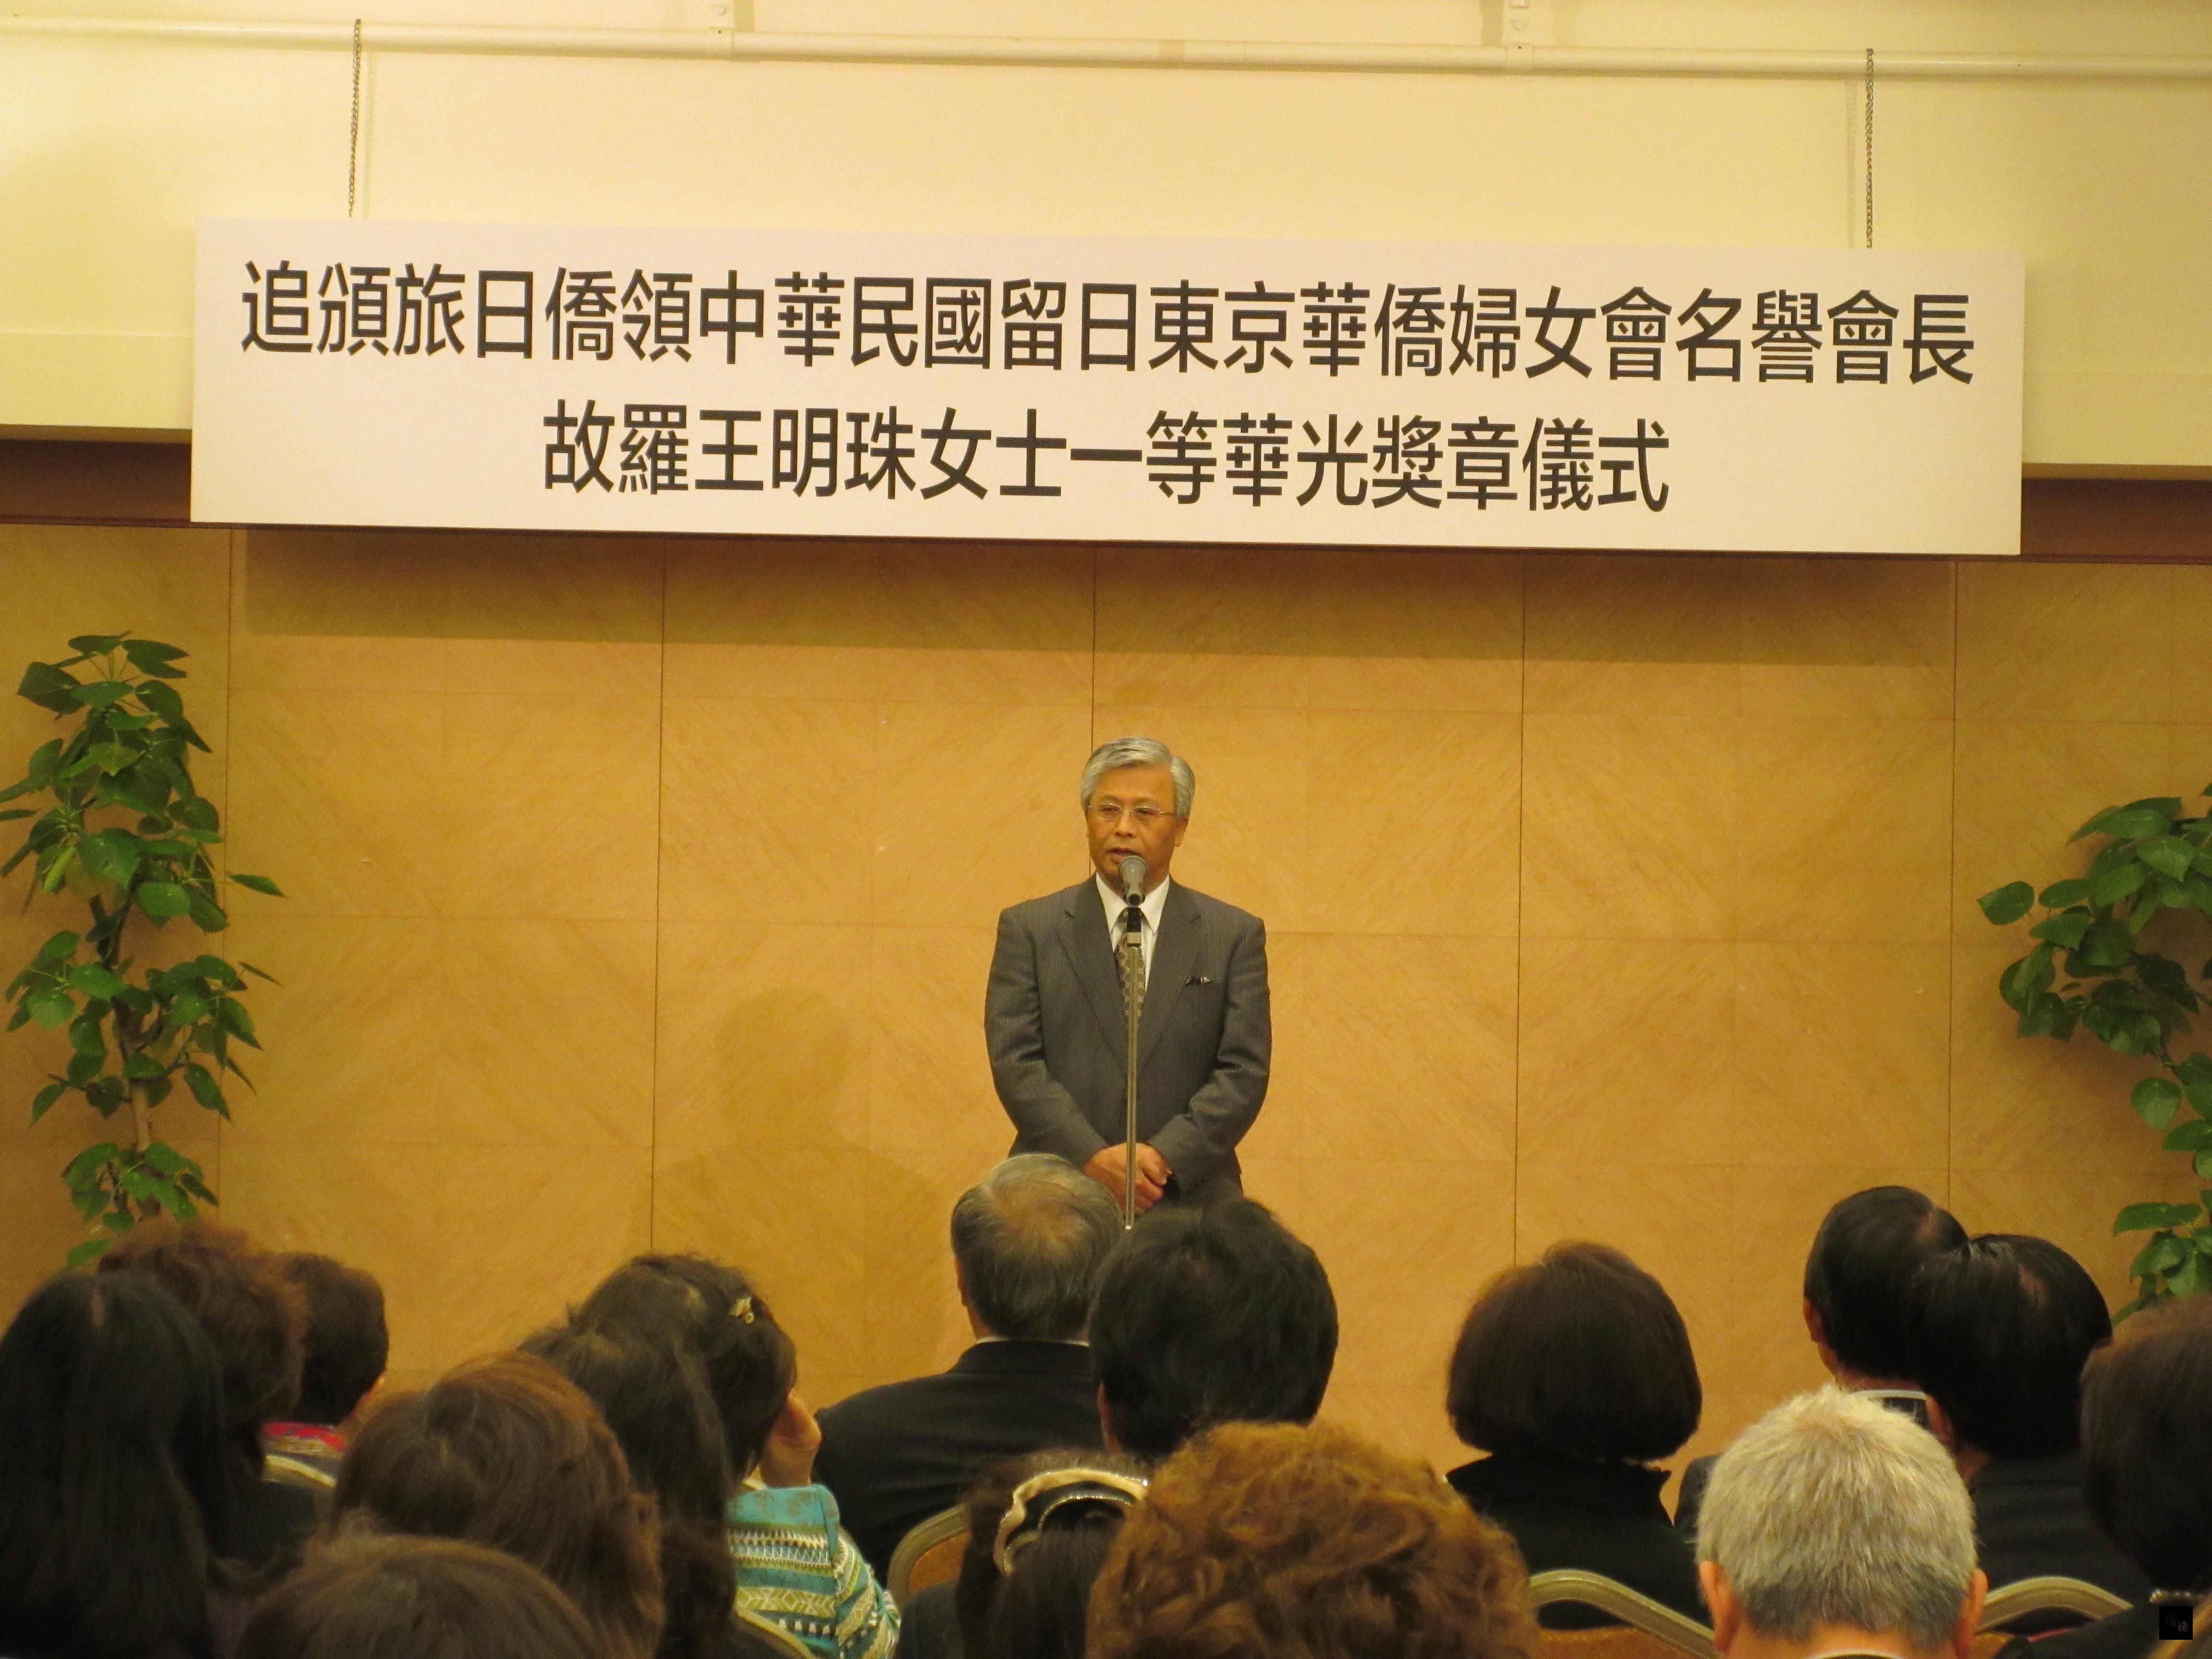 駐日本副代表陳調和致詞時肯定旅日僑領羅王明珠是僑界的驕傲。(駐日本代表處提供)